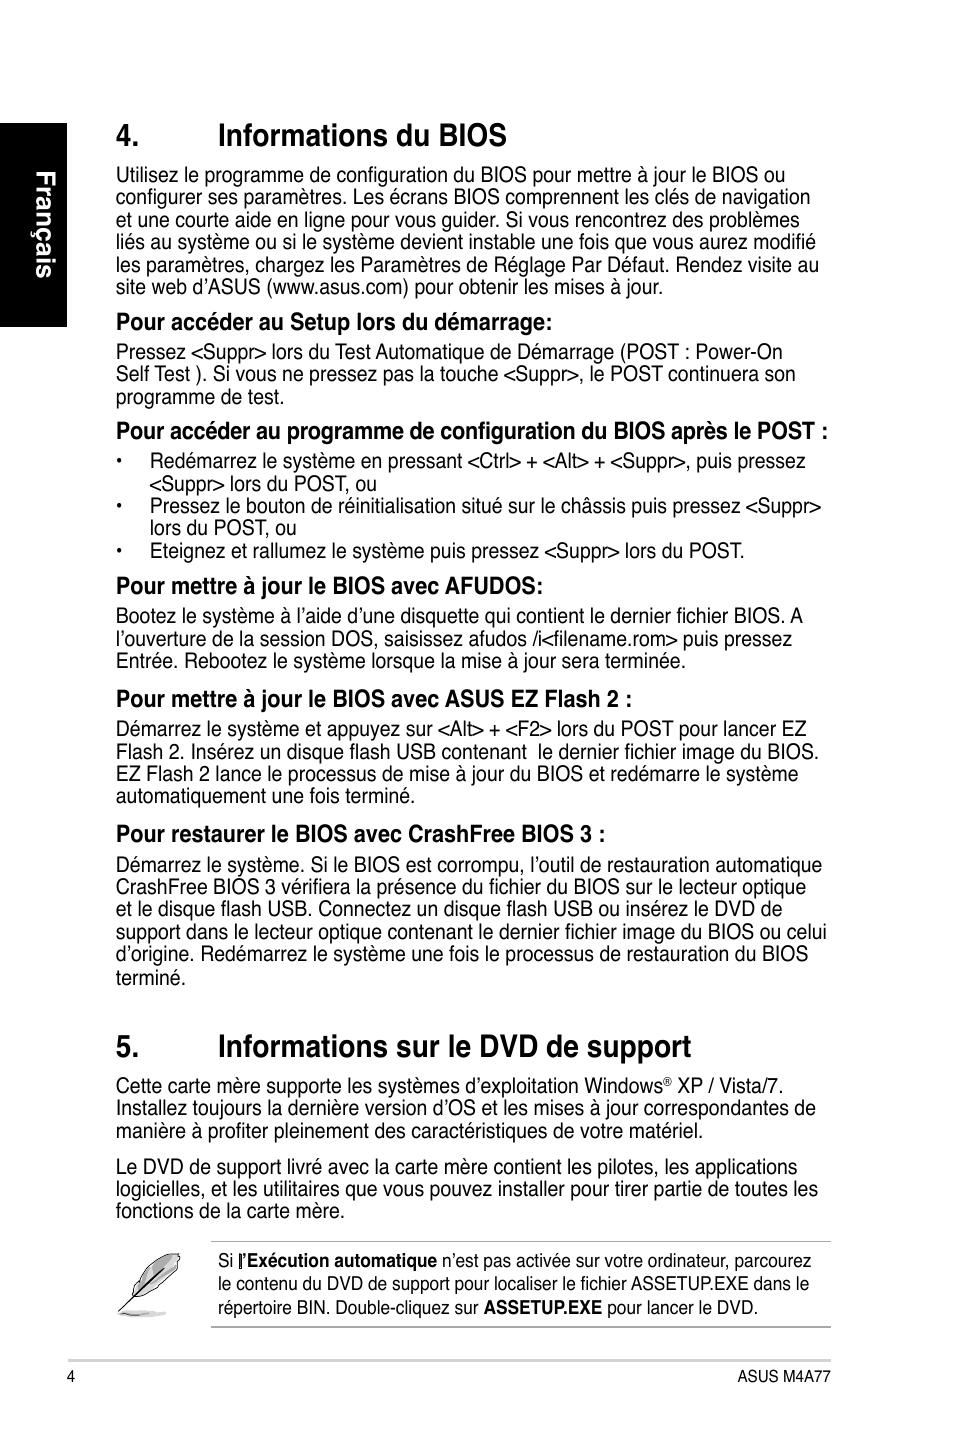 pilote carte mere asus Informations du bios, Informations sur le dvd de support, Français